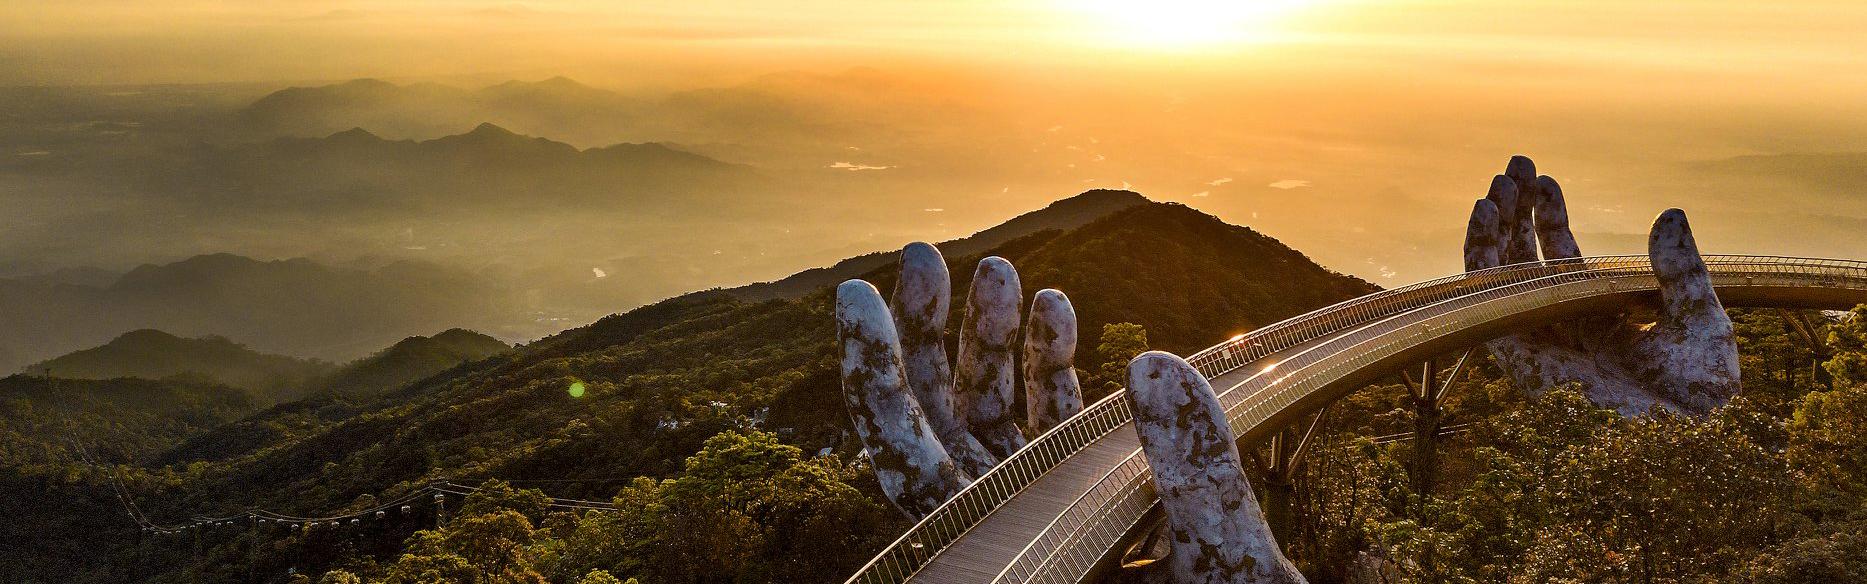 Golden Bridge Danang Ads